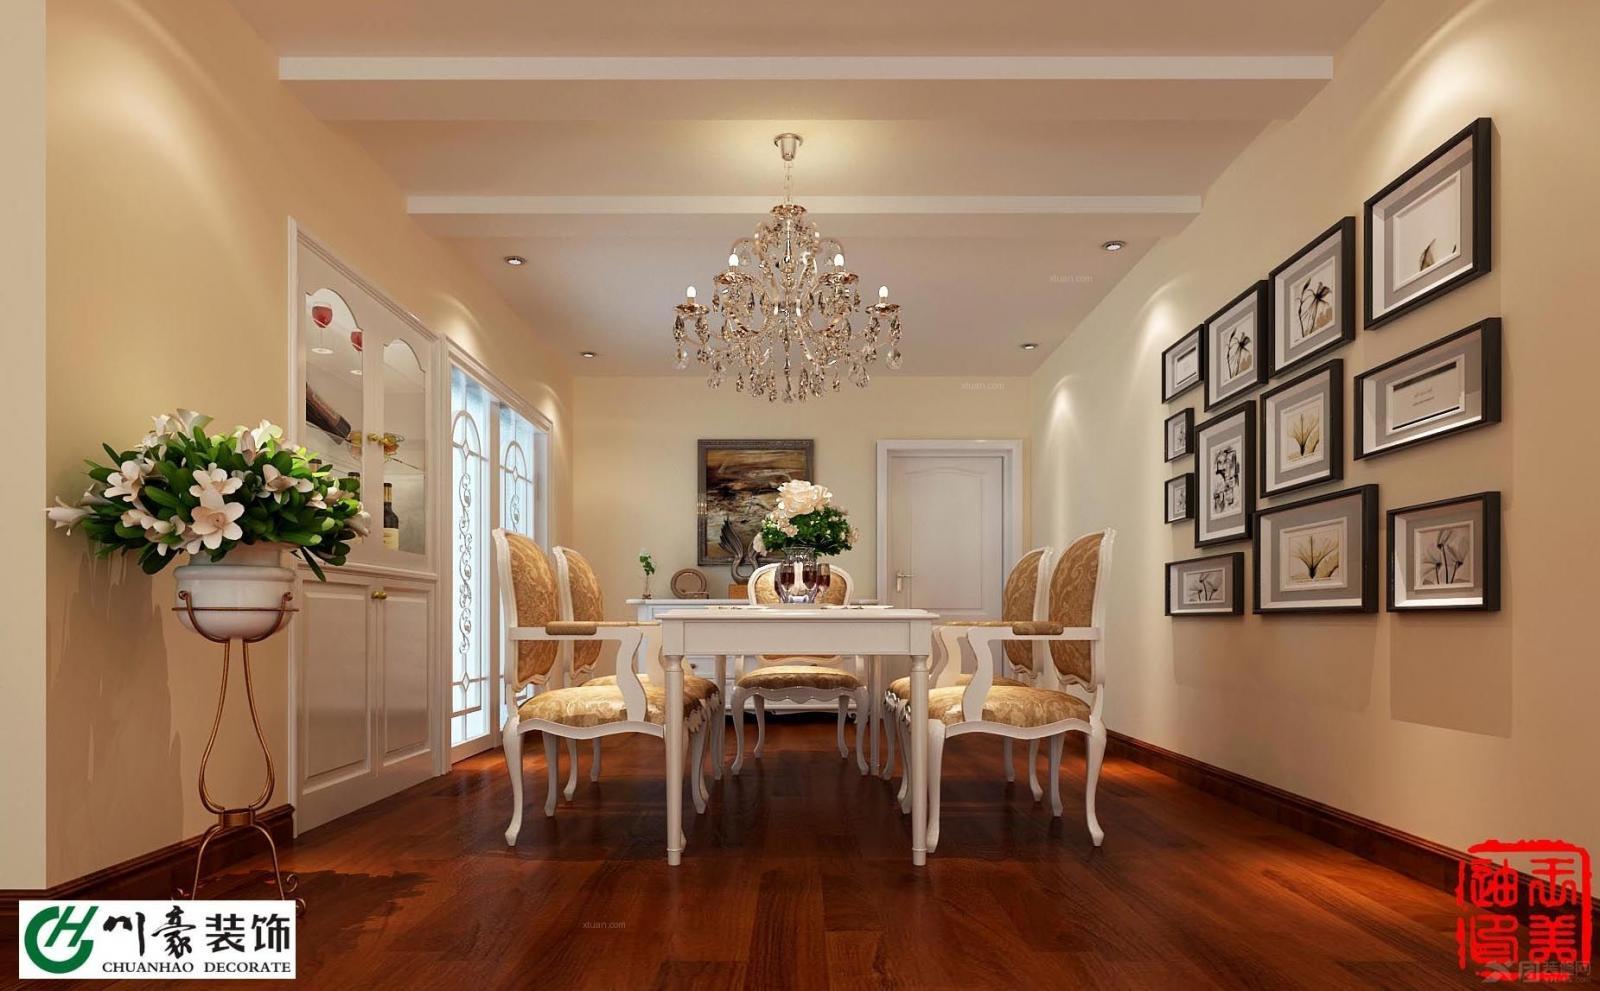 升禾绿城两室两厅简欧风格装修效果图图片